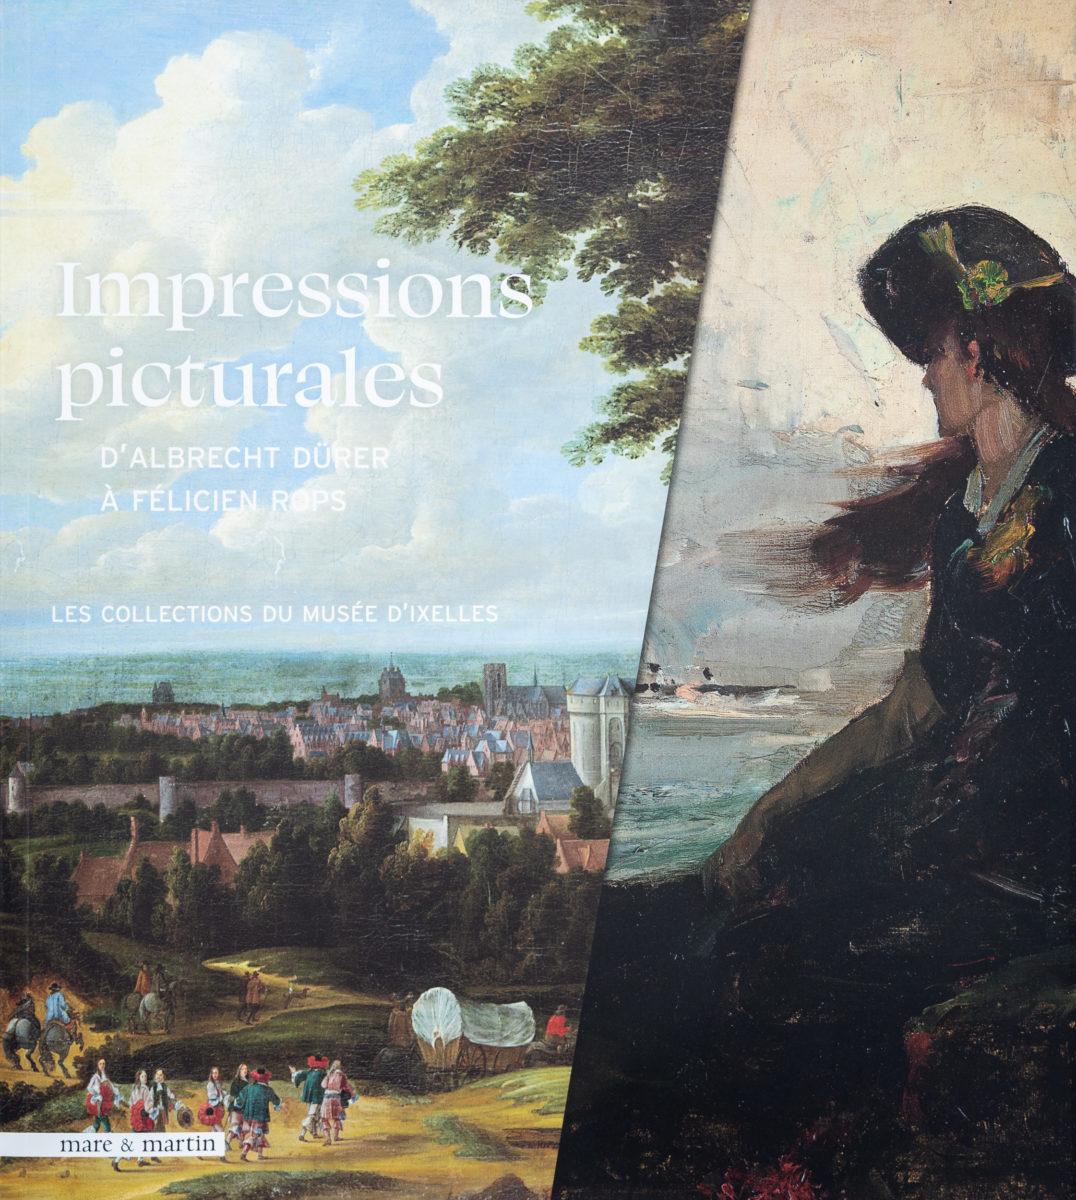 Collectif, Impressions picturales - D'Albrecht Dürer à Félicien Rops